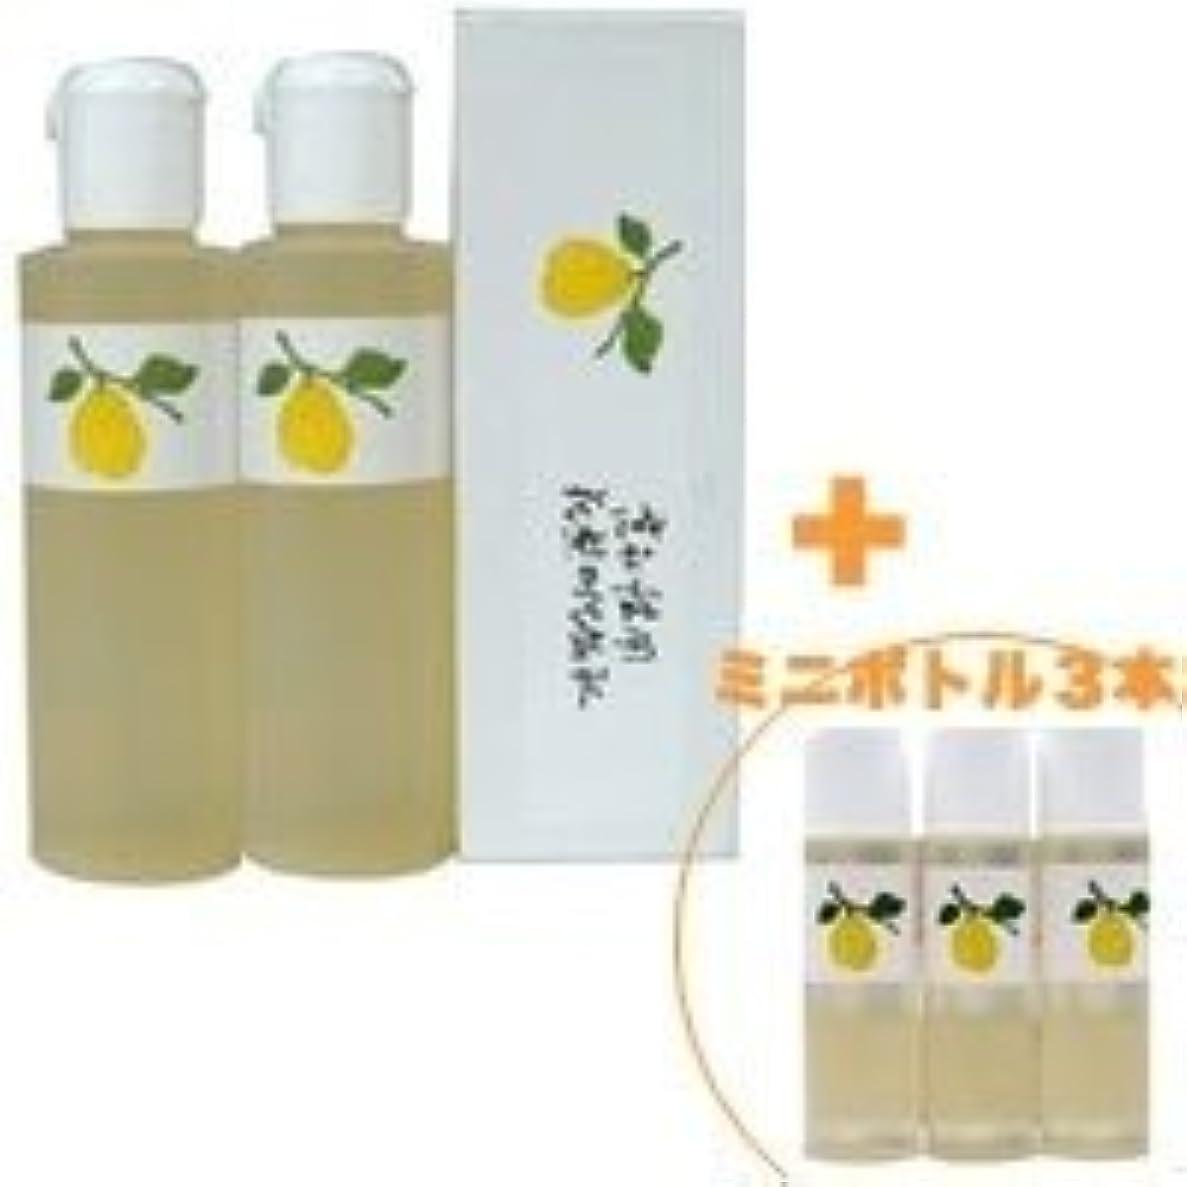 花梨の化粧水 花梨の化粧水 200ml 2本&ミニボトル 3本